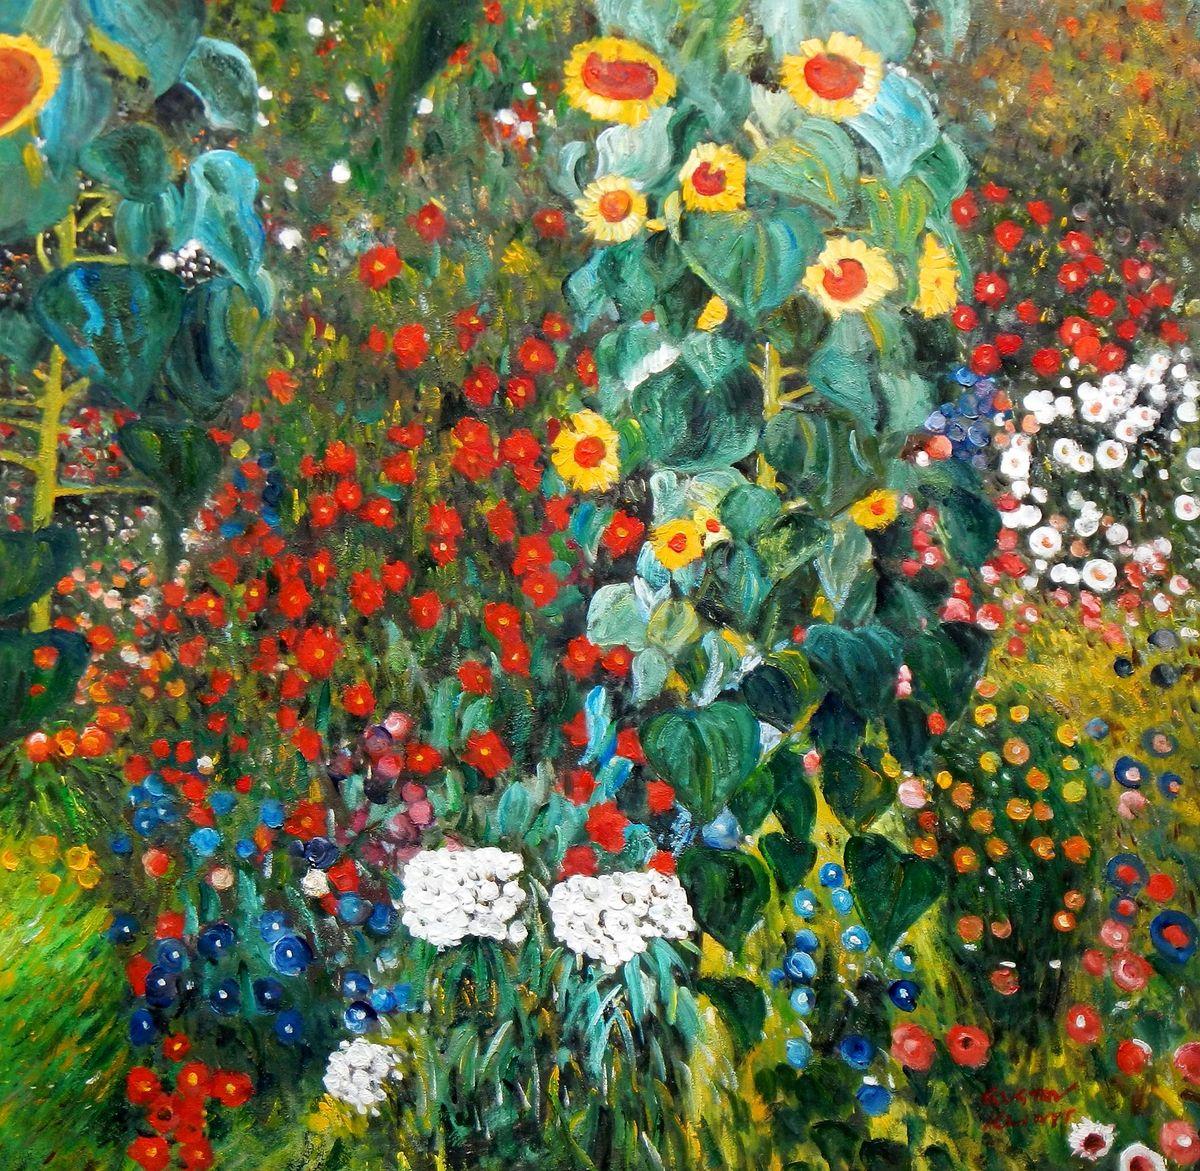 Gustav Klimt - Garten mit Sonnenblume g96829 80x80cm exzellentes Ölgemälde